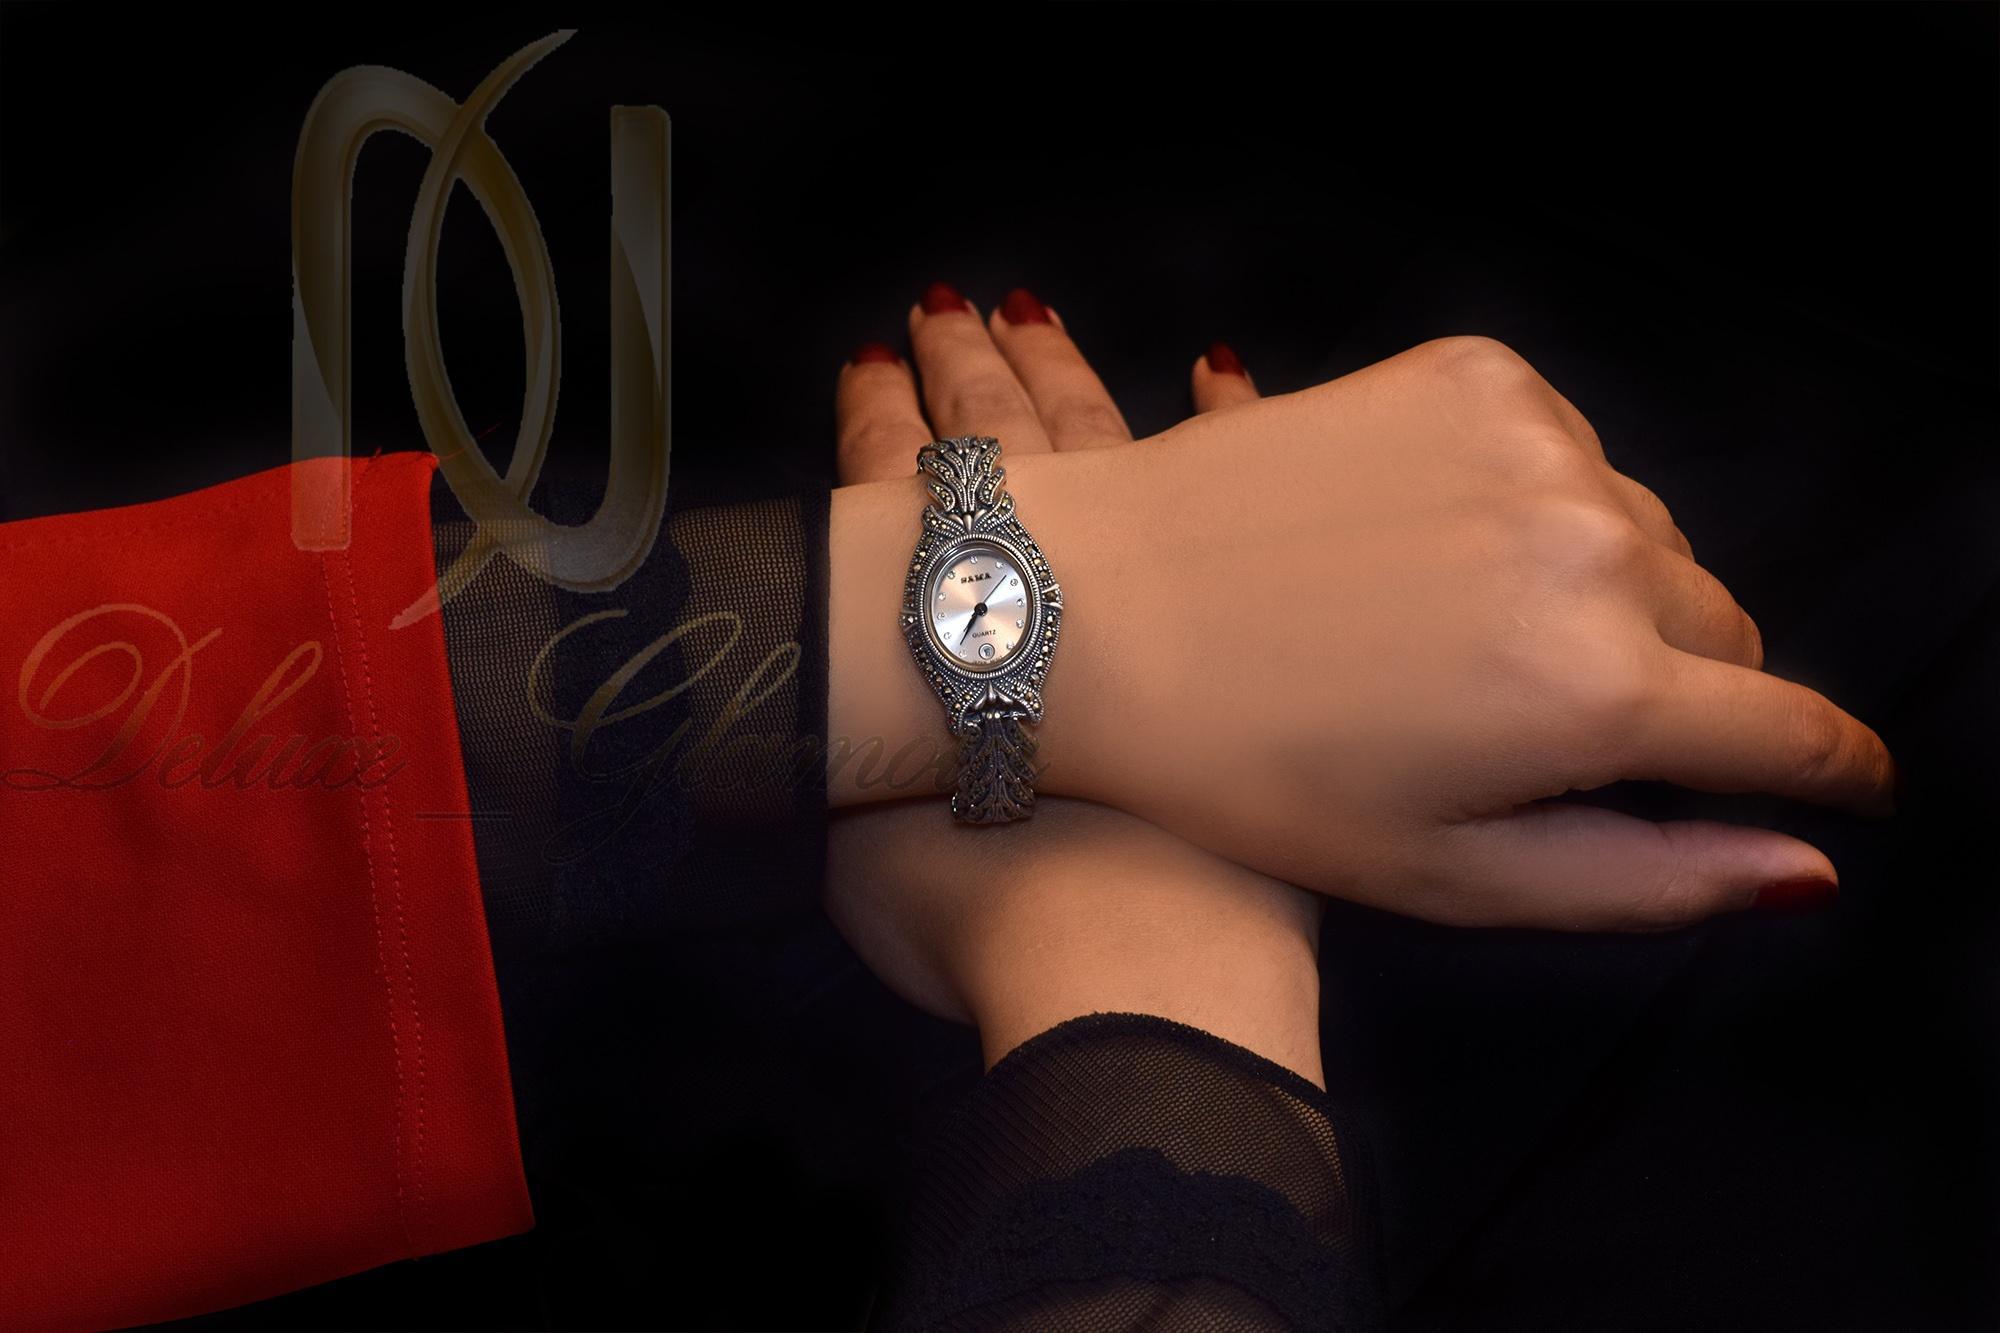 ساعت نقره زنانه با نگین های مارکازیت wh-n103 از نمای روی دست